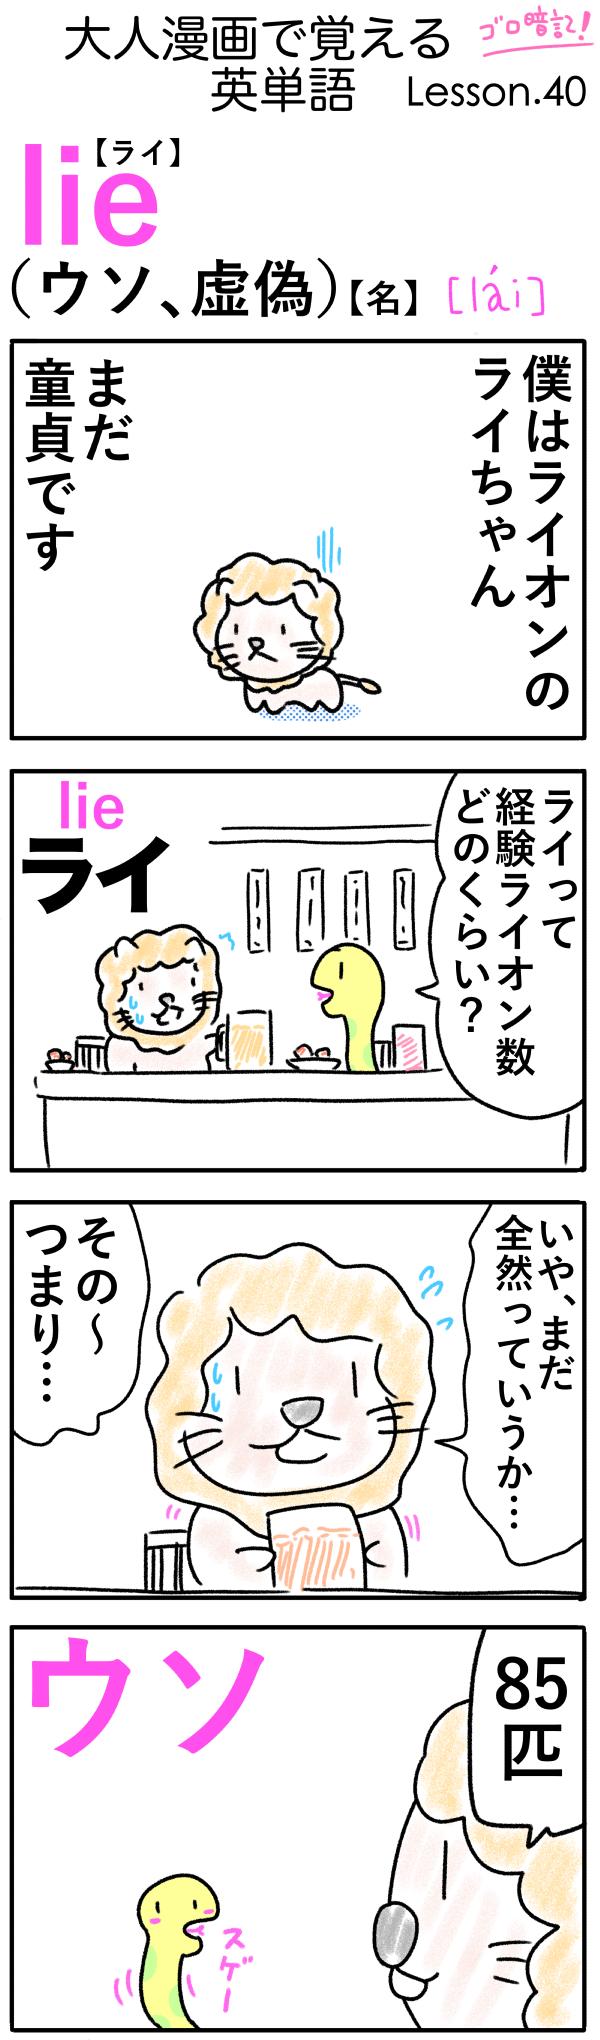 lie(ウソ、虚偽)の語呂合わせ英単語